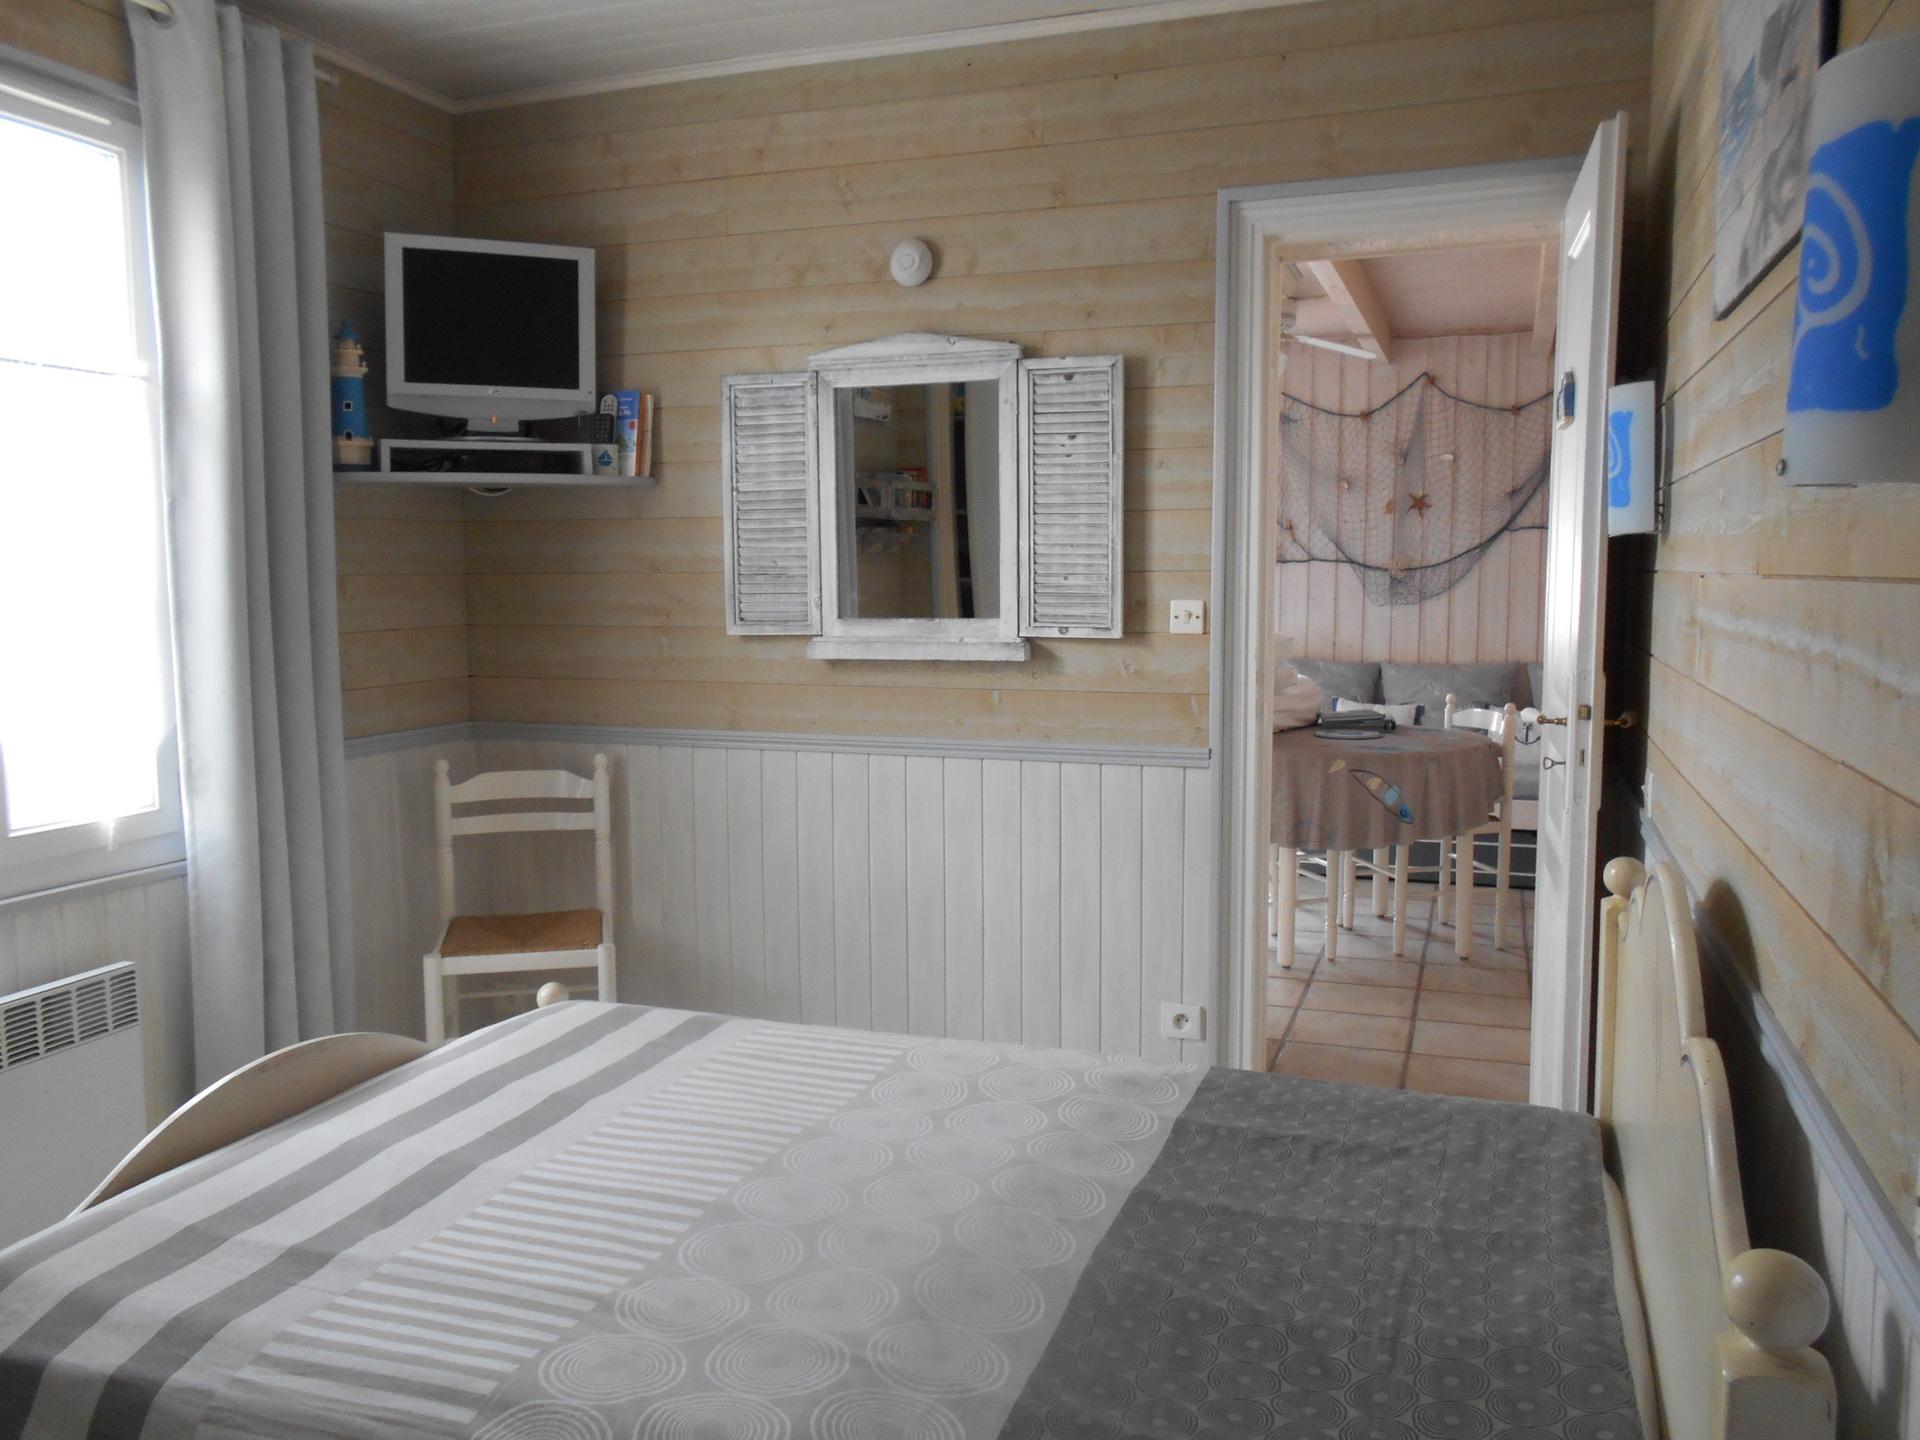 accueil la dana petite maison chambre d 39 h tes louer sur l 39 ile de r. Black Bedroom Furniture Sets. Home Design Ideas